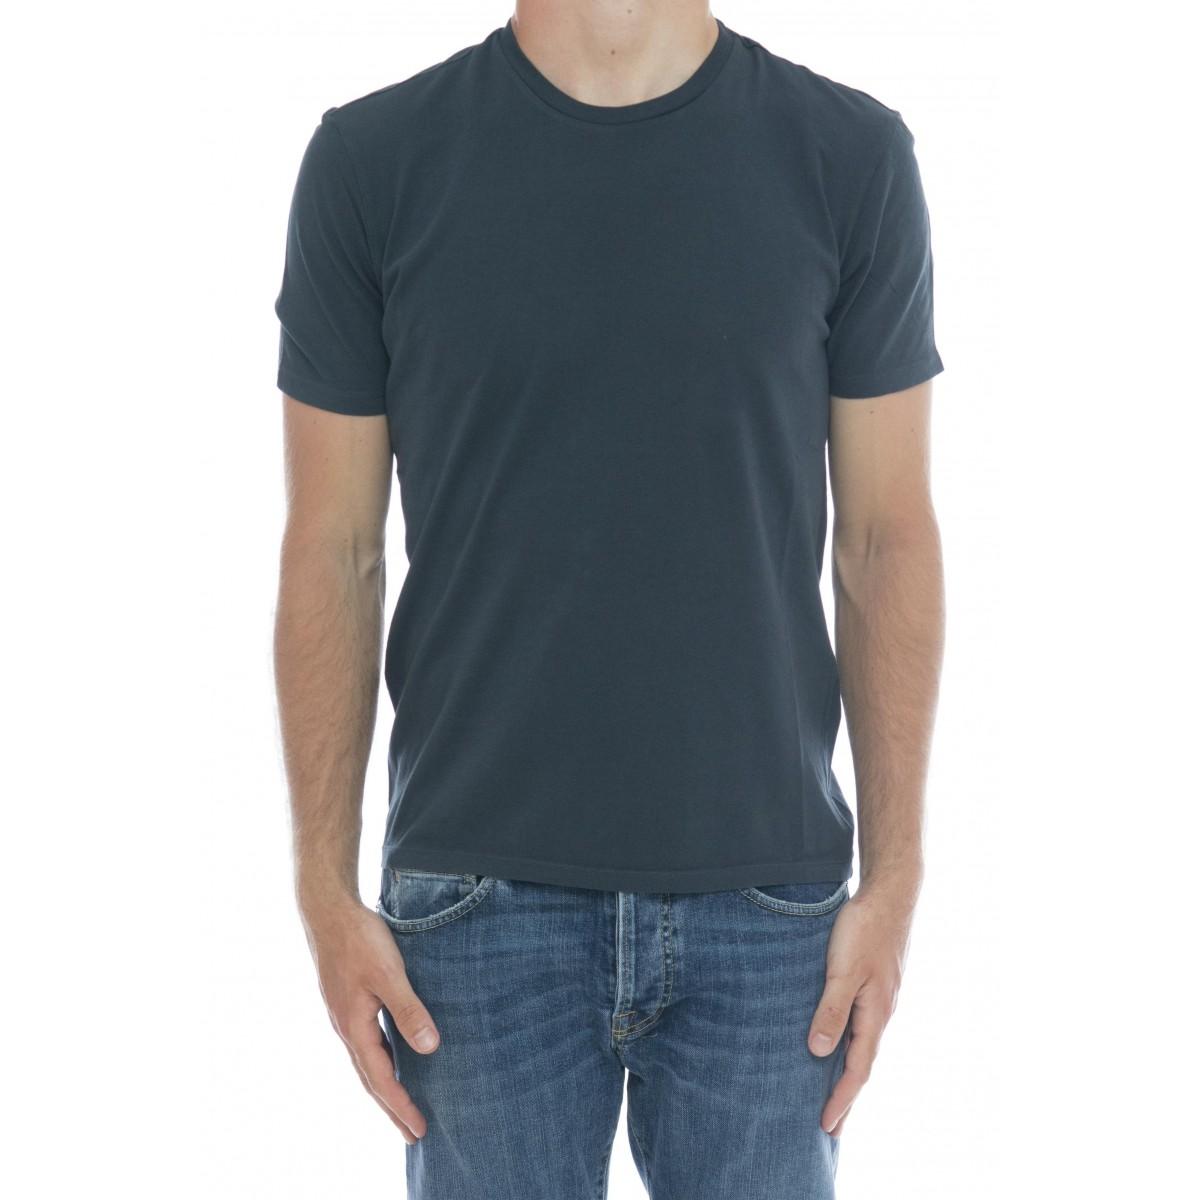 T-shirt - Hts022 m537 t-shirt silk touch